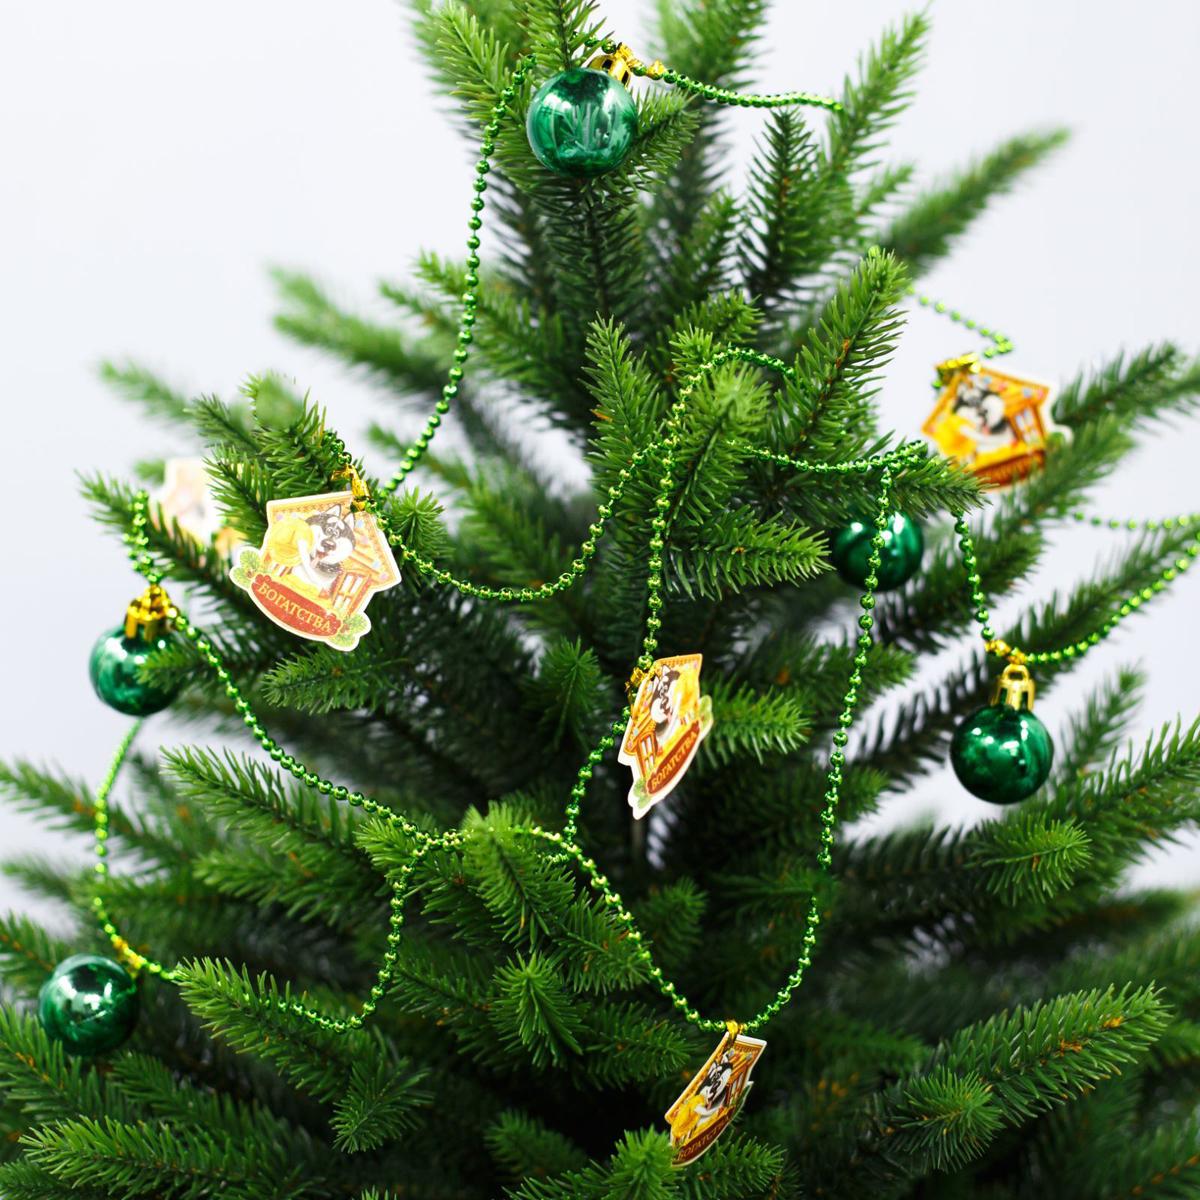 Гирлянда новогодняя Богатства, длина 2 м2301774Как приятно преображать жилище в преддверии долгожданного торжества! Декором можно не только оформить елку, но и украсить шкаф или стену.